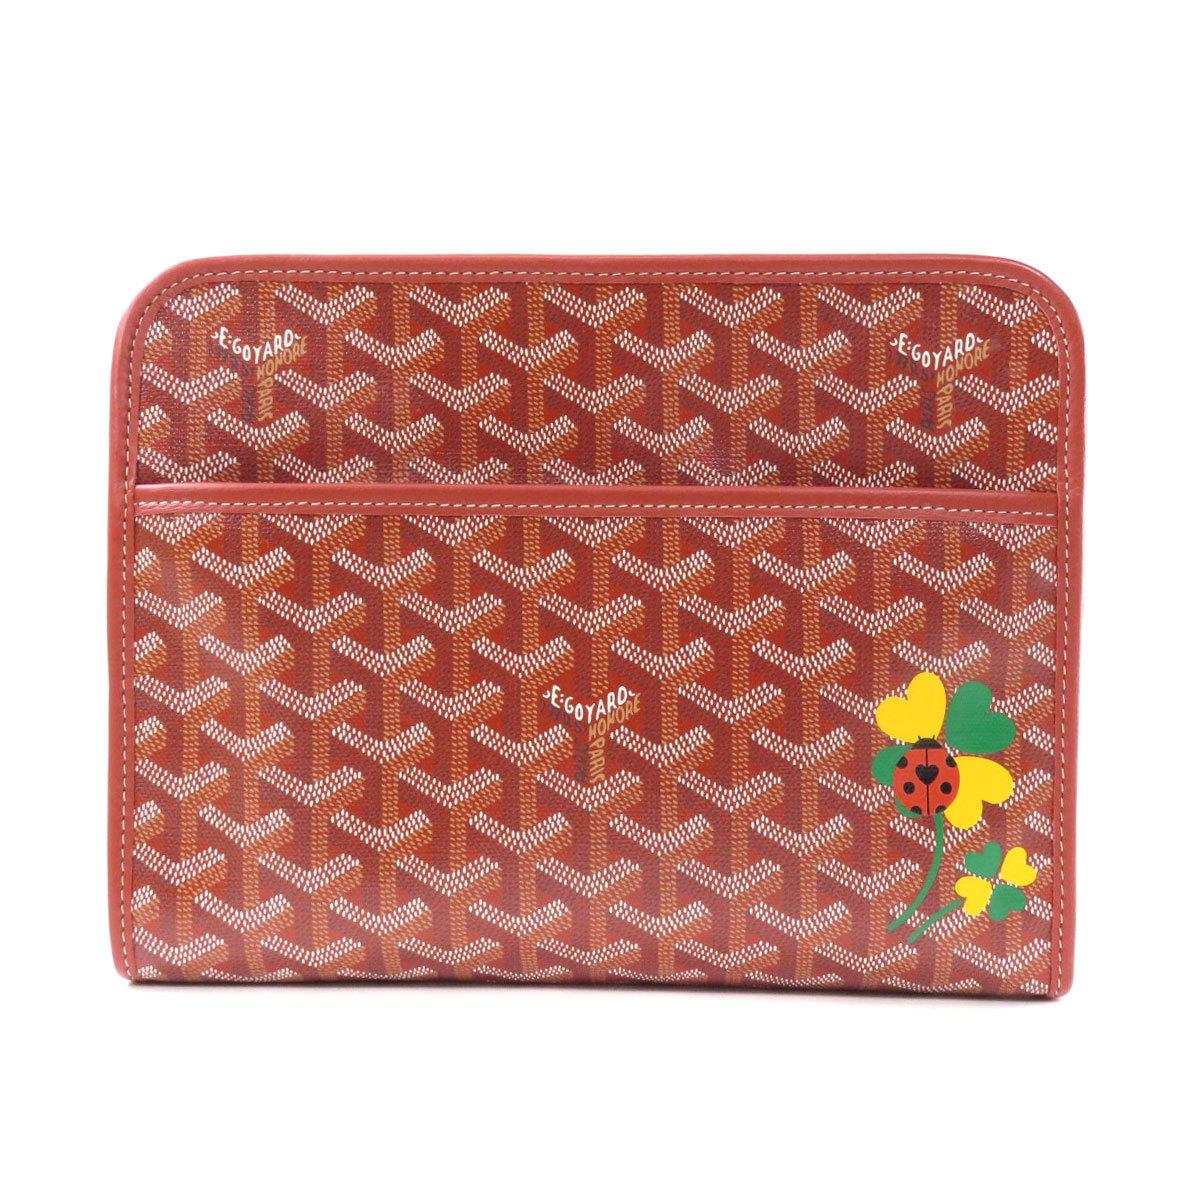 Goyard Juvens Ladybugs Handbag Coated Canvas Leather Ladies